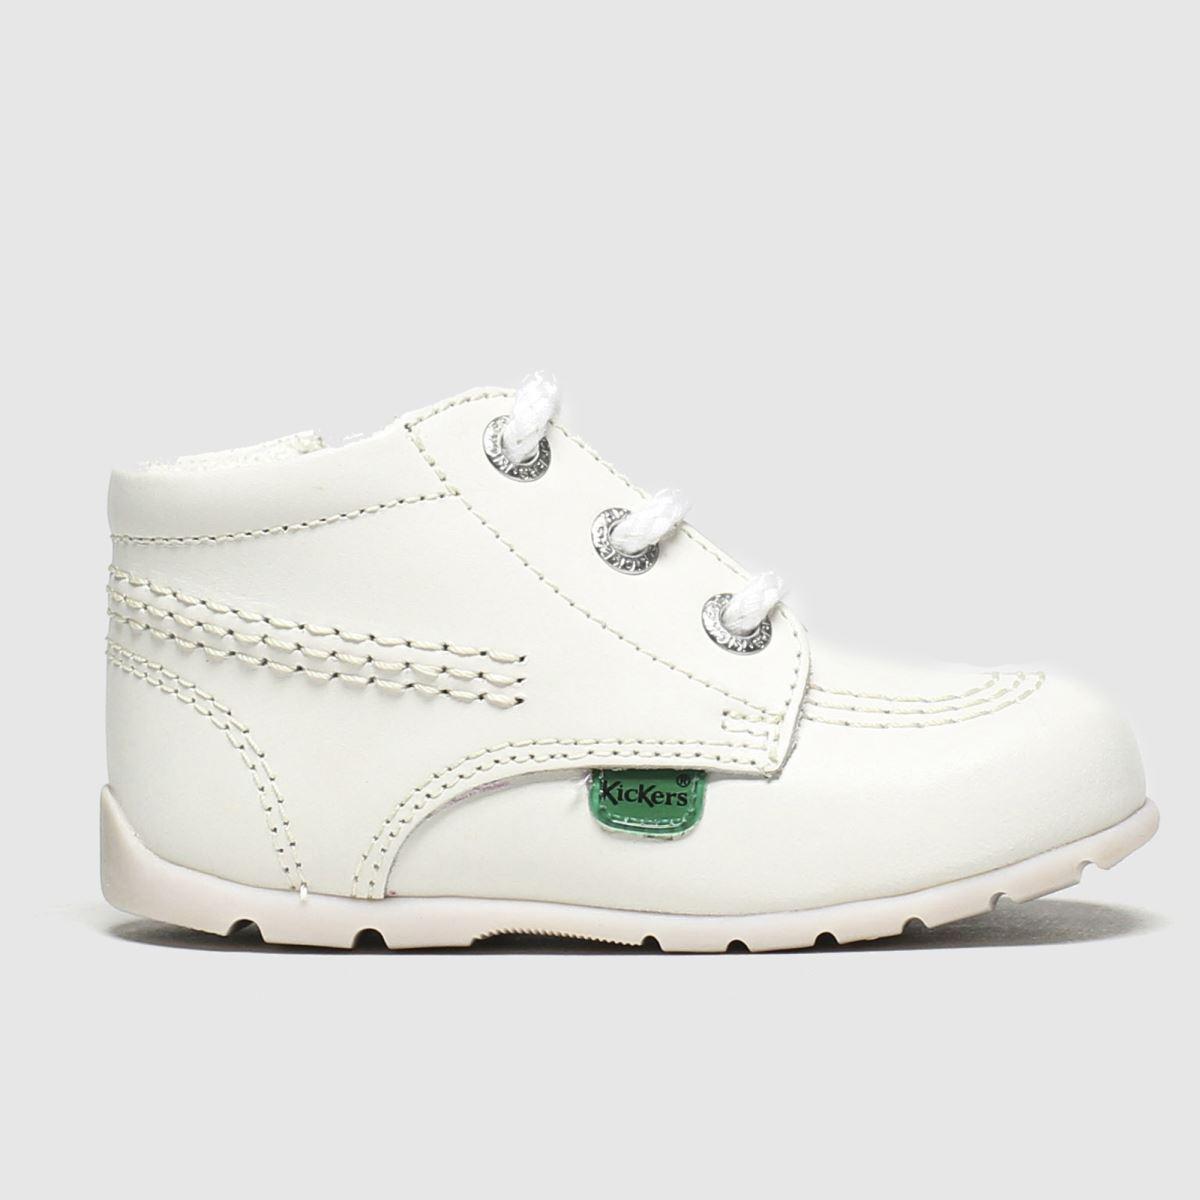 Kickers White Hi B Zip Shoes Baby